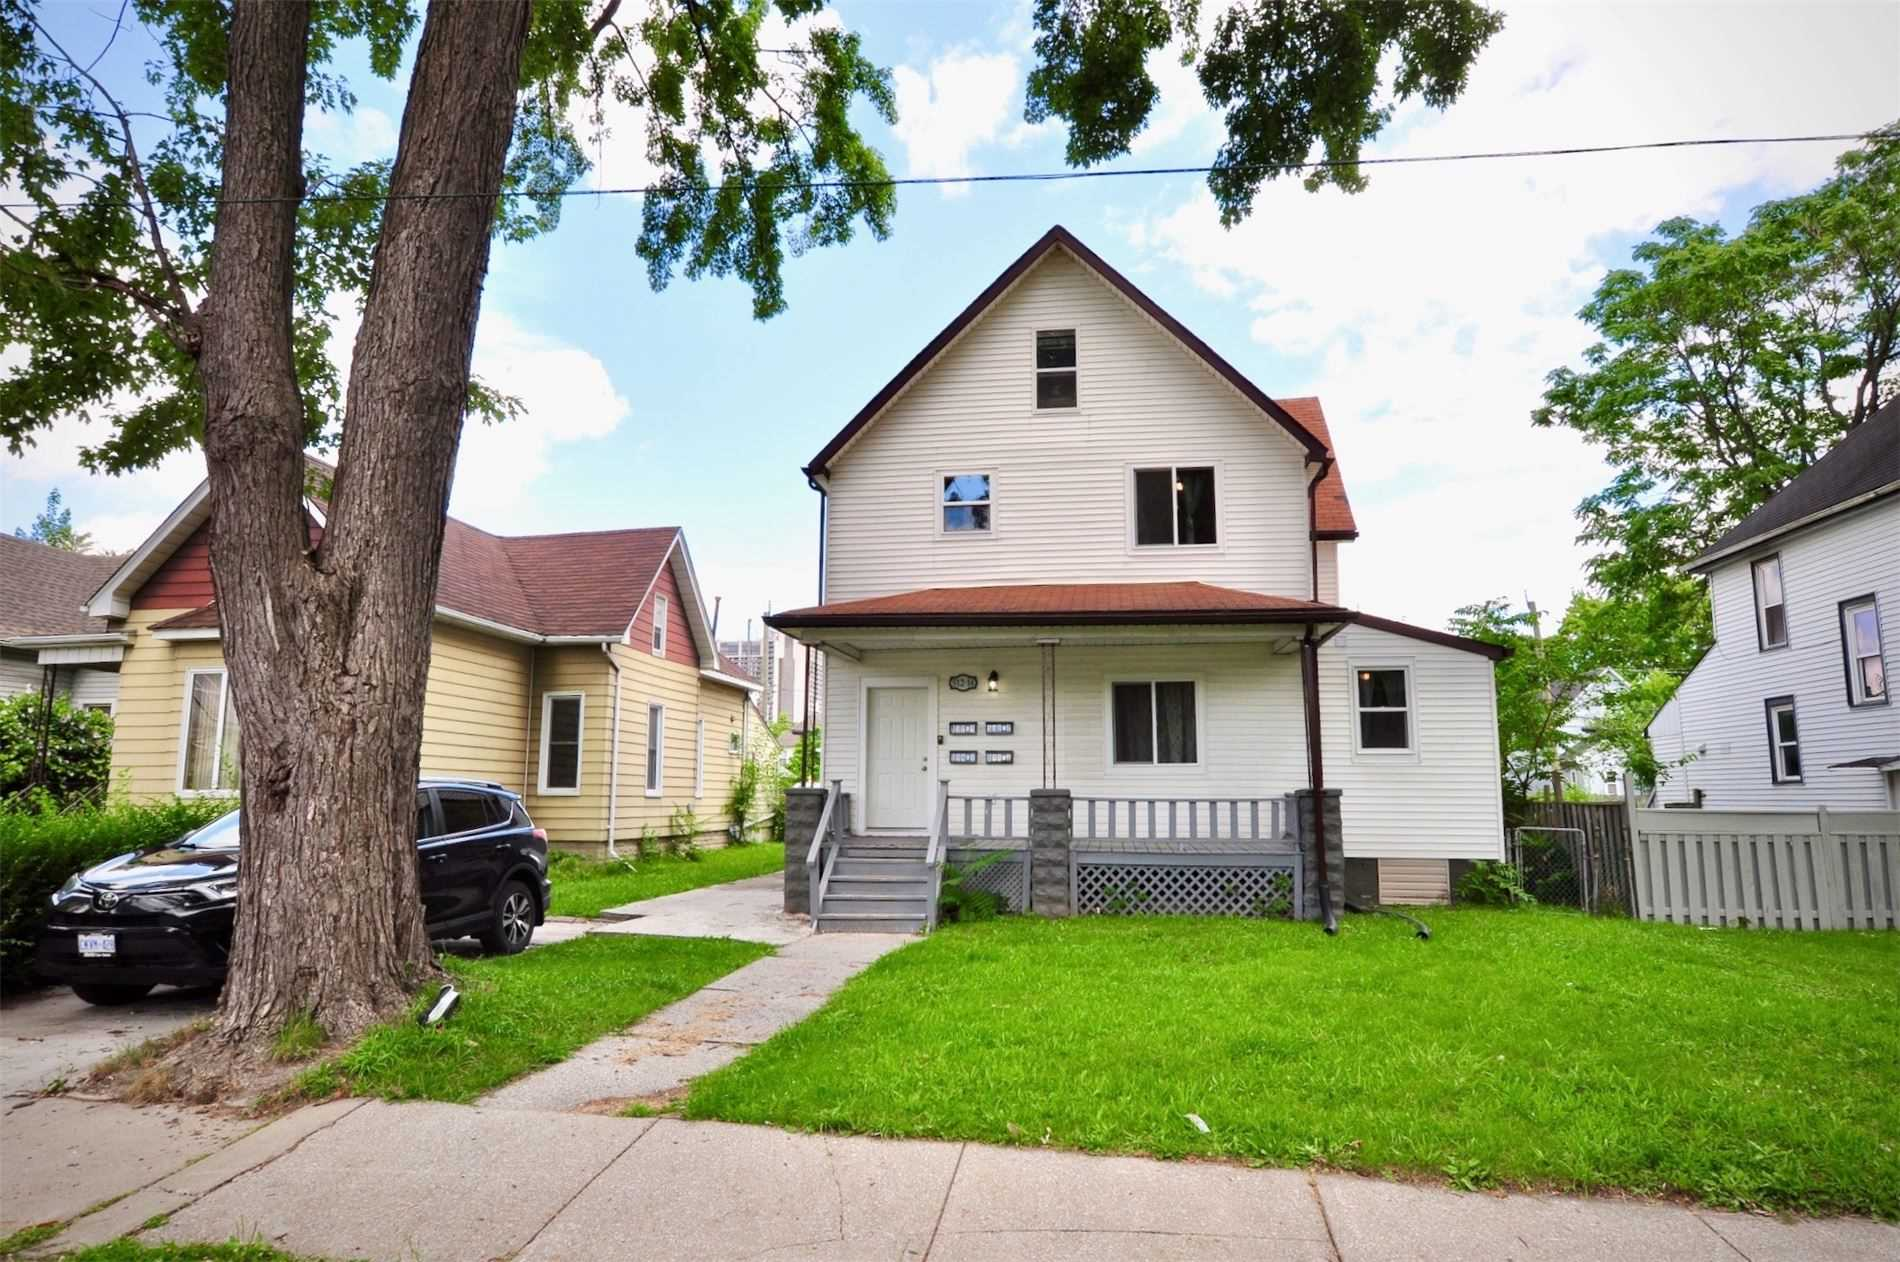 512-514 Caron Ave, Windsor, Ontario N9A 5B4, 9 Bedrooms Bedrooms, 13 Rooms Rooms,4 BathroomsBathrooms,Triplex,For Sale,Caron,X5336689